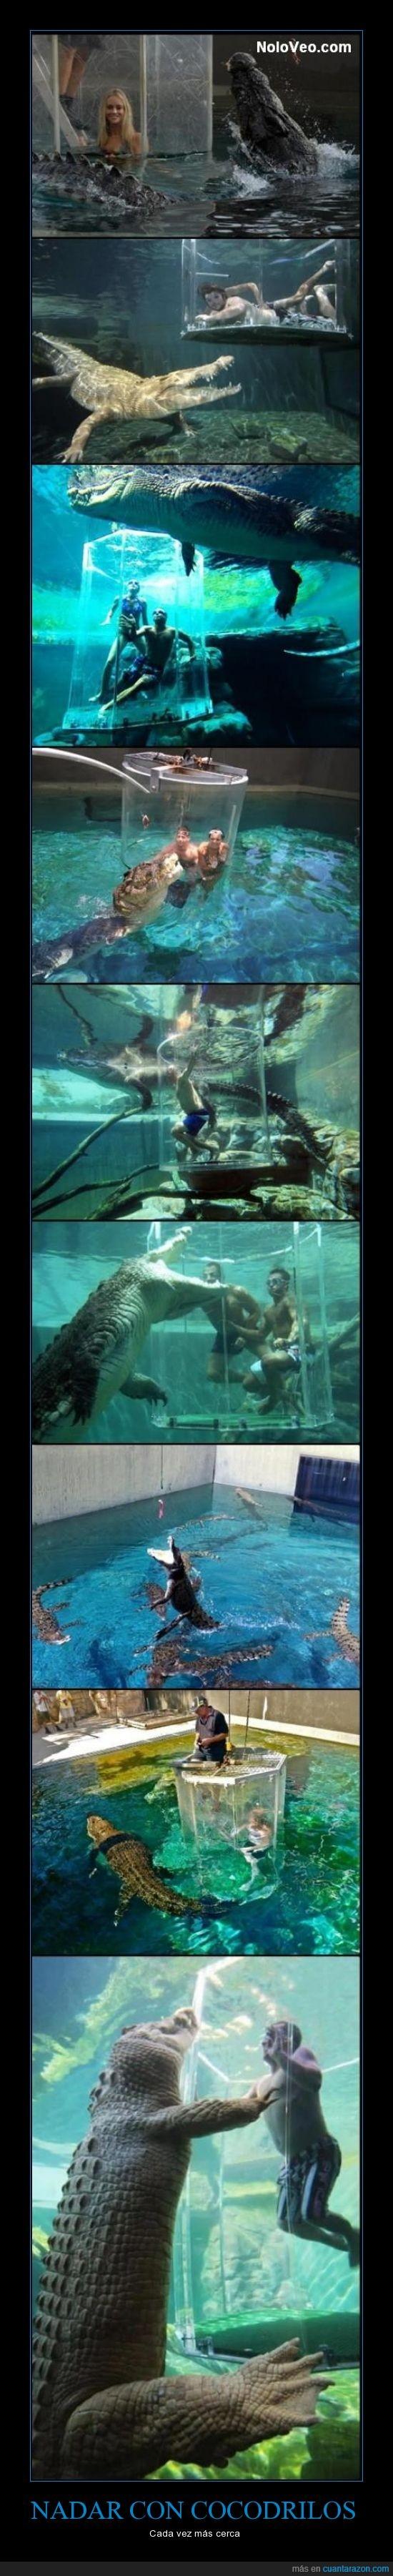 agua,bañarse,cocodrilos,grandes,nadar,tanque